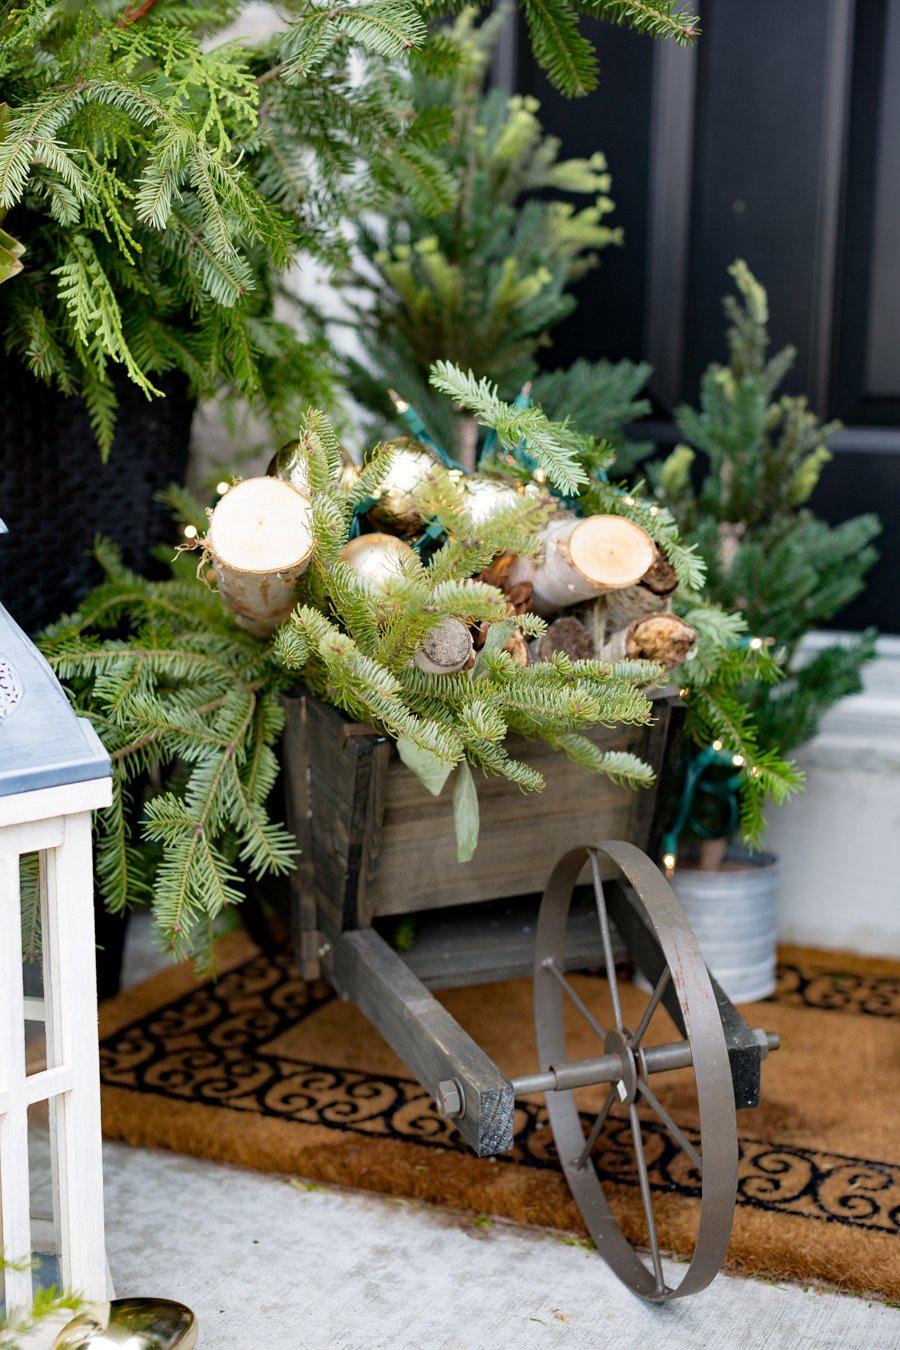 herrliche weihnachtsdeko drau en platzieren die veranda festlich schm cken veranda. Black Bedroom Furniture Sets. Home Design Ideas